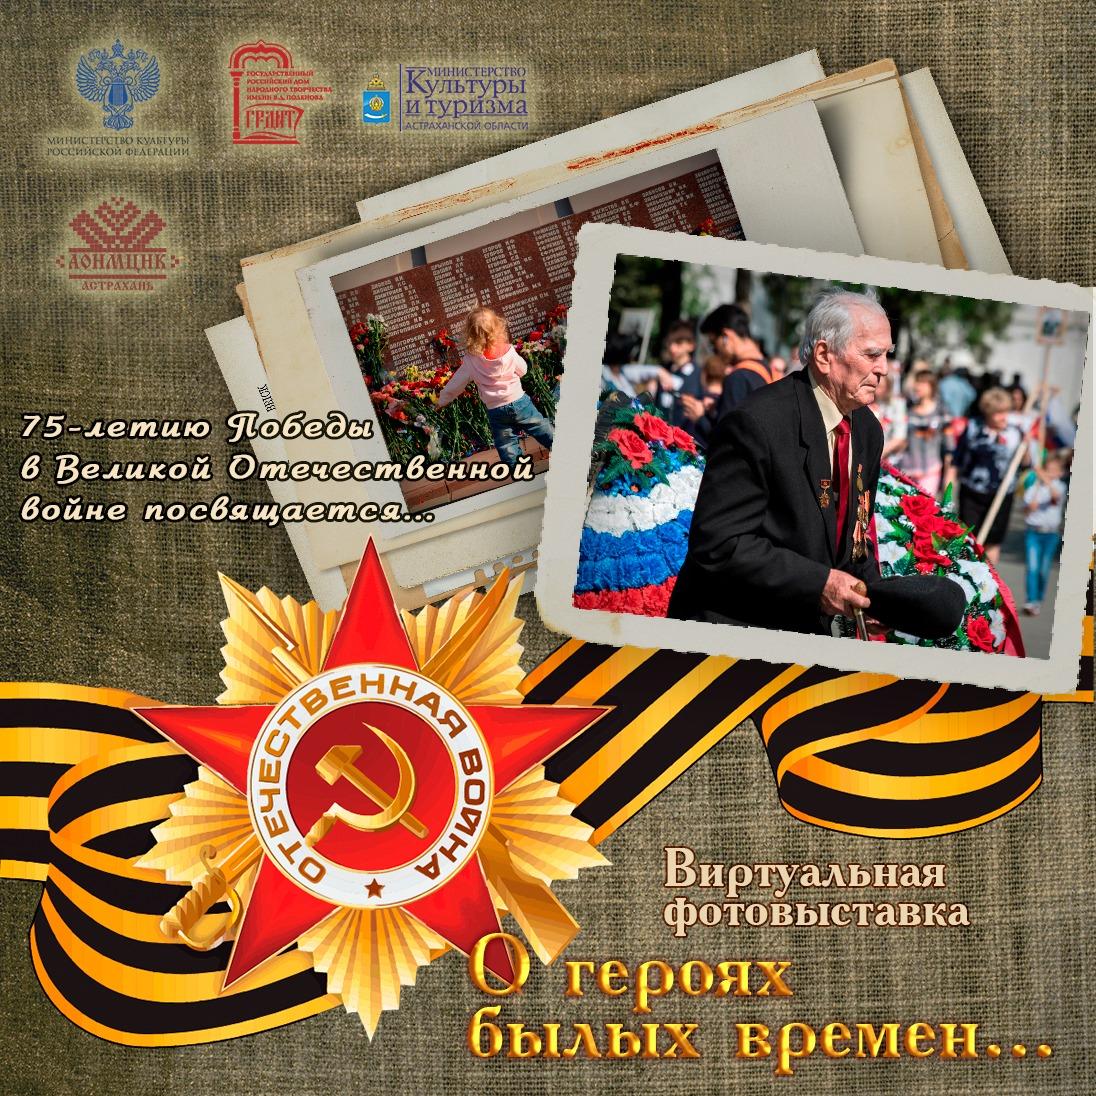 Астраханцы увидят виртуальную фотовыставку «О героях былых времен…»